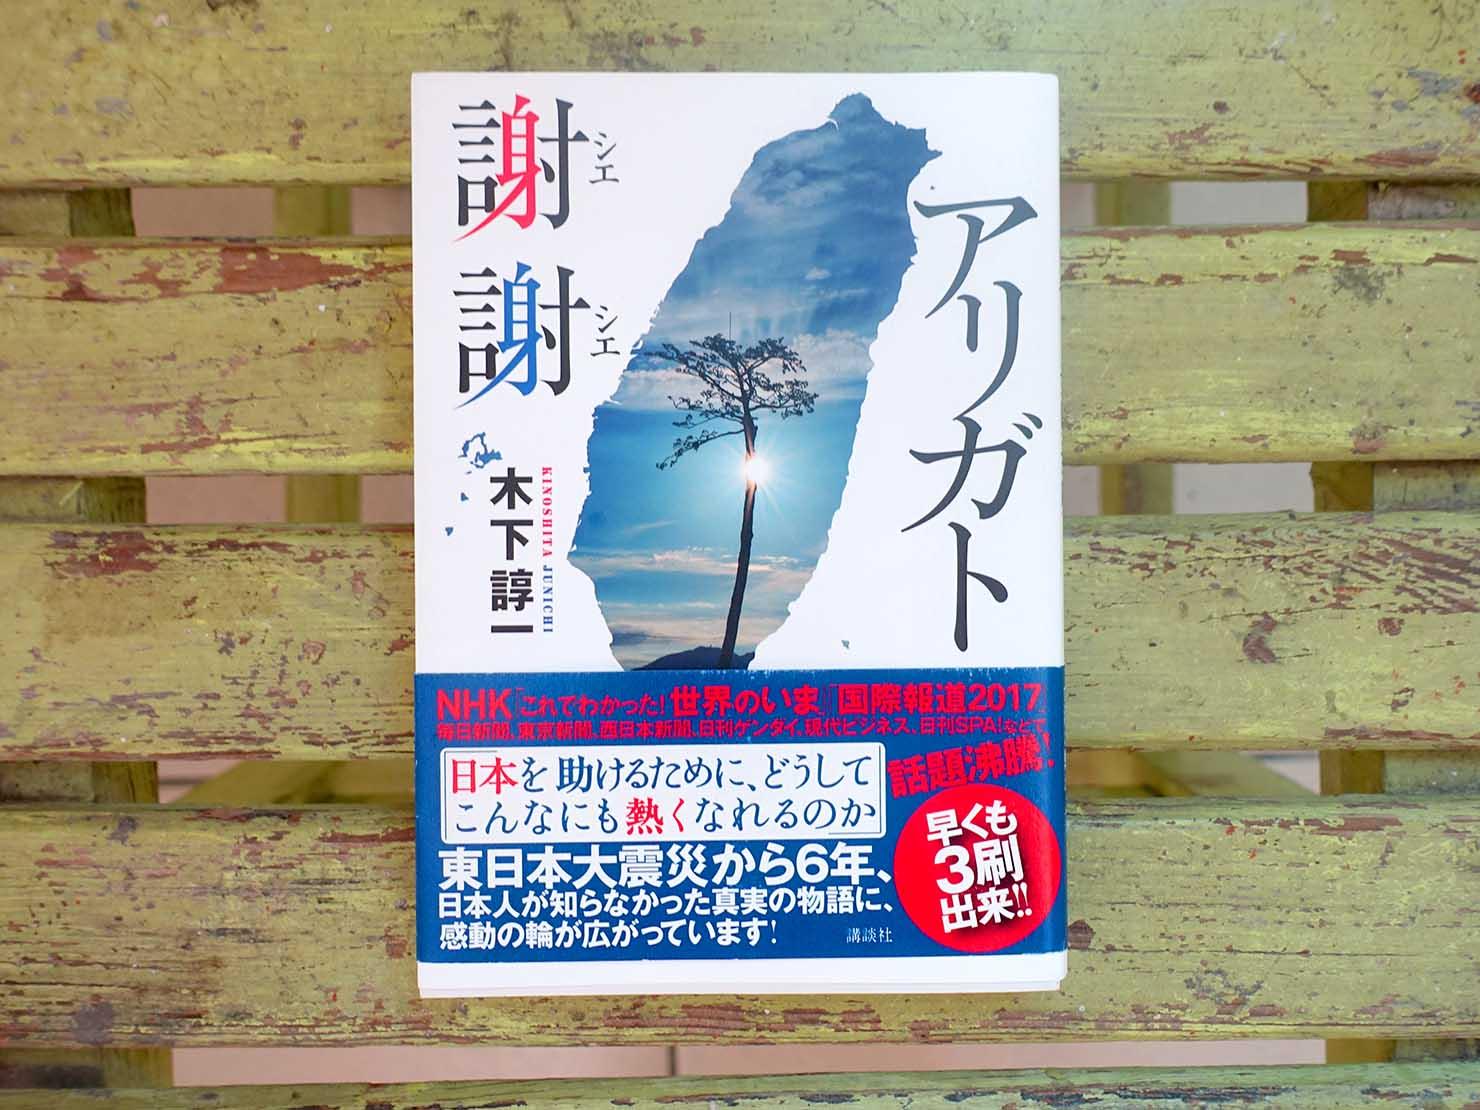 台湾が舞台のおすすめ小説『アリガト謝謝』